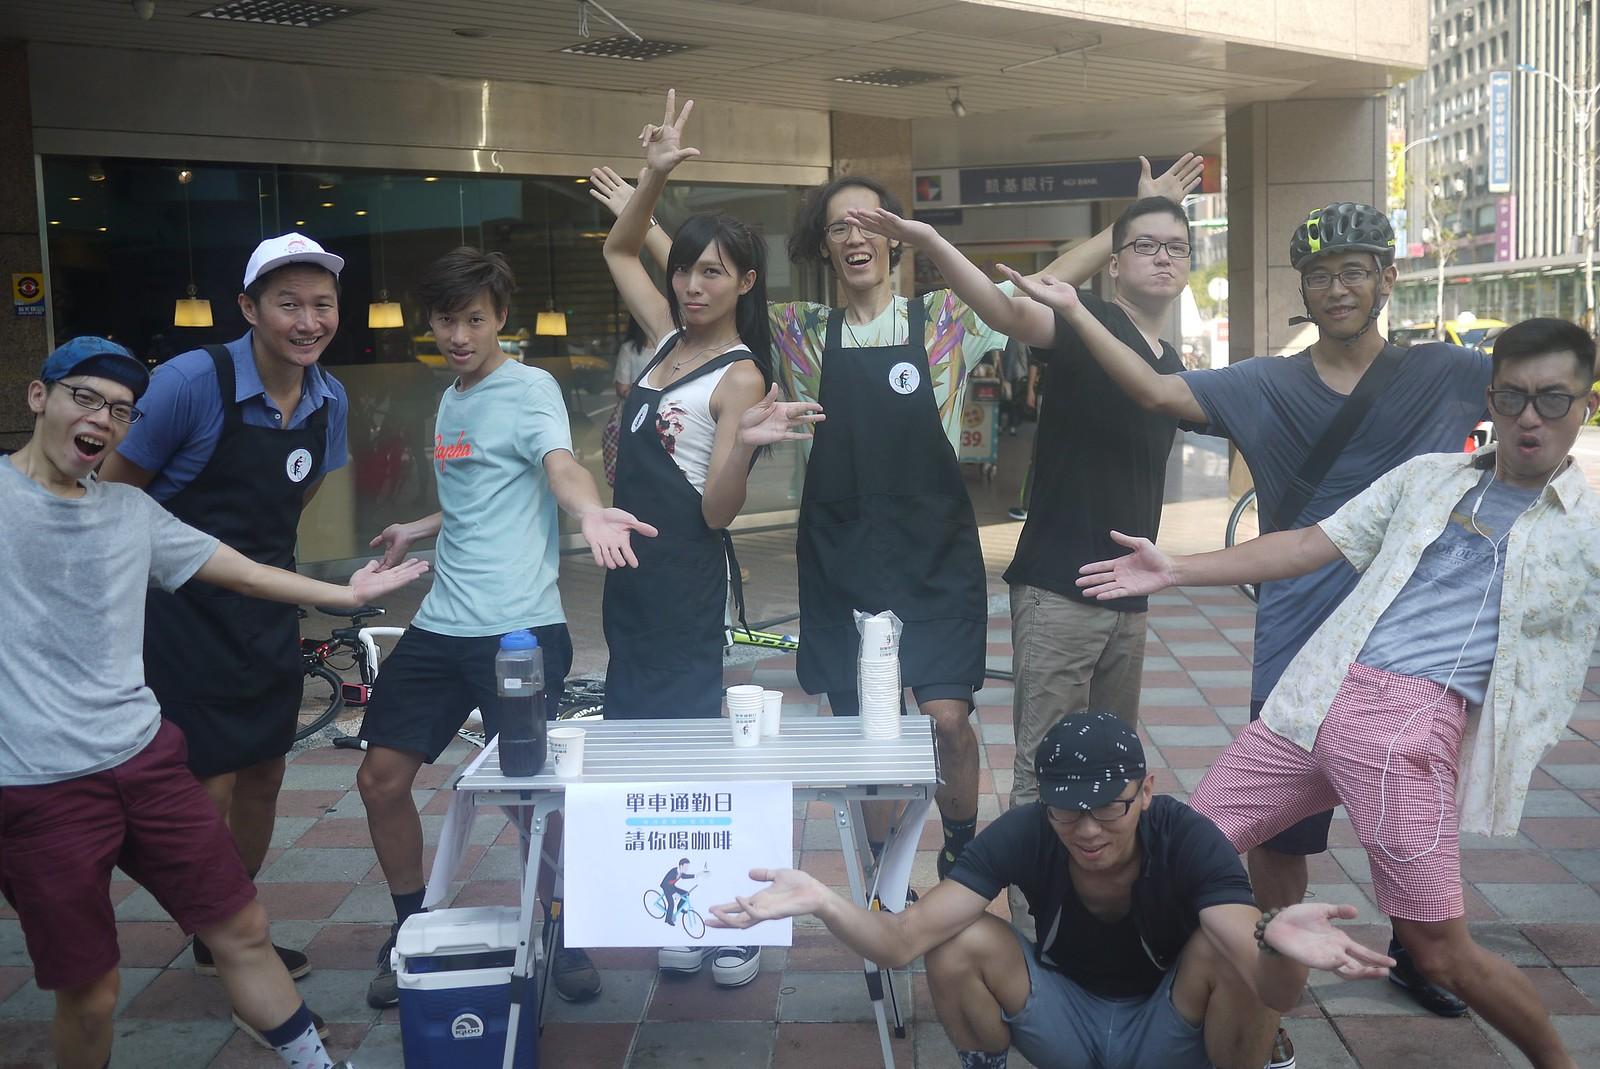 2016-08-26 單車通勤日 - 南京復興 - 21